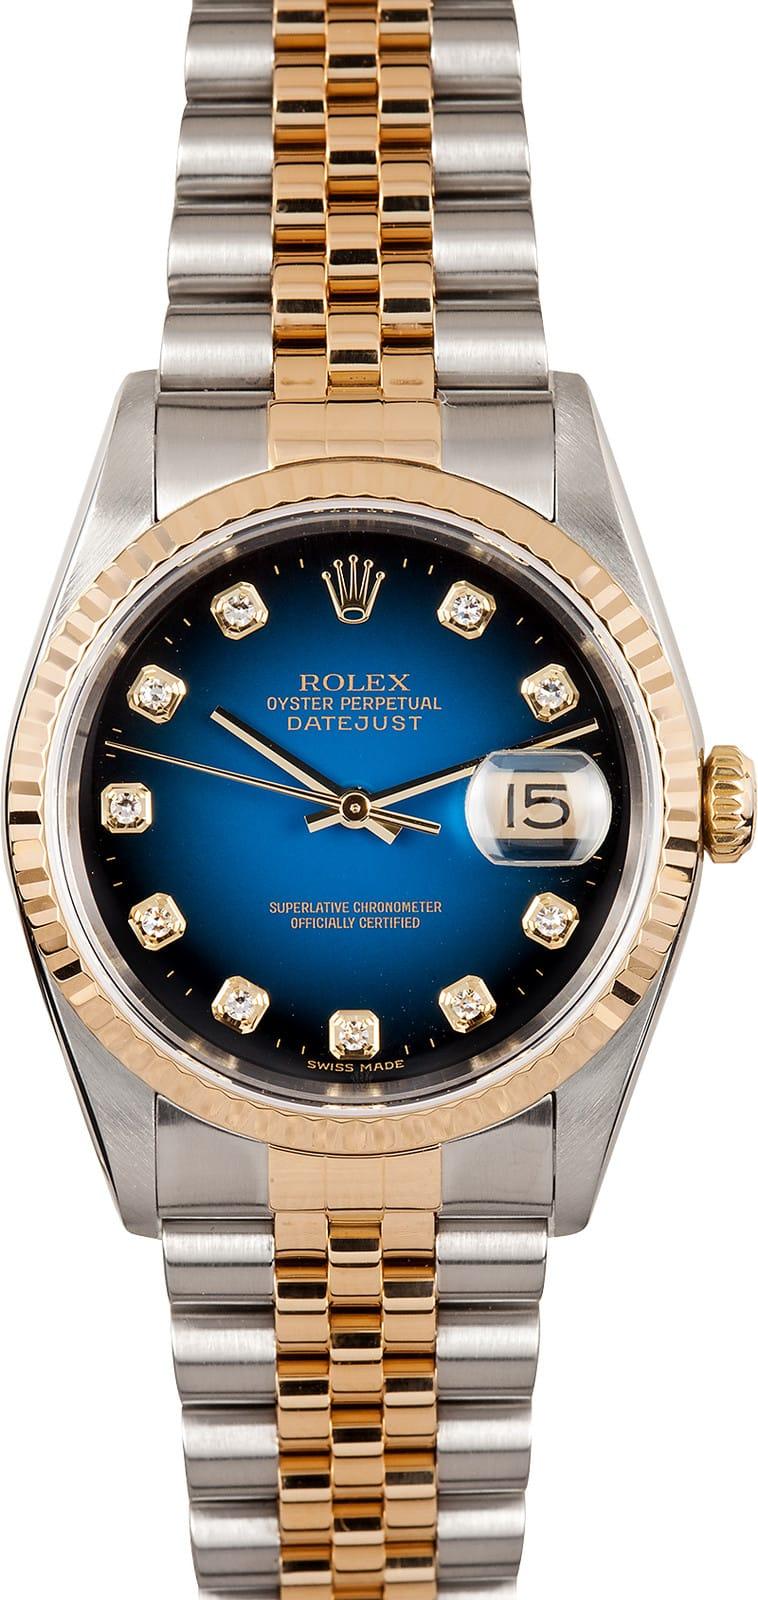 Rolex Datejust 16233 Blue Vignette Diamond Dial